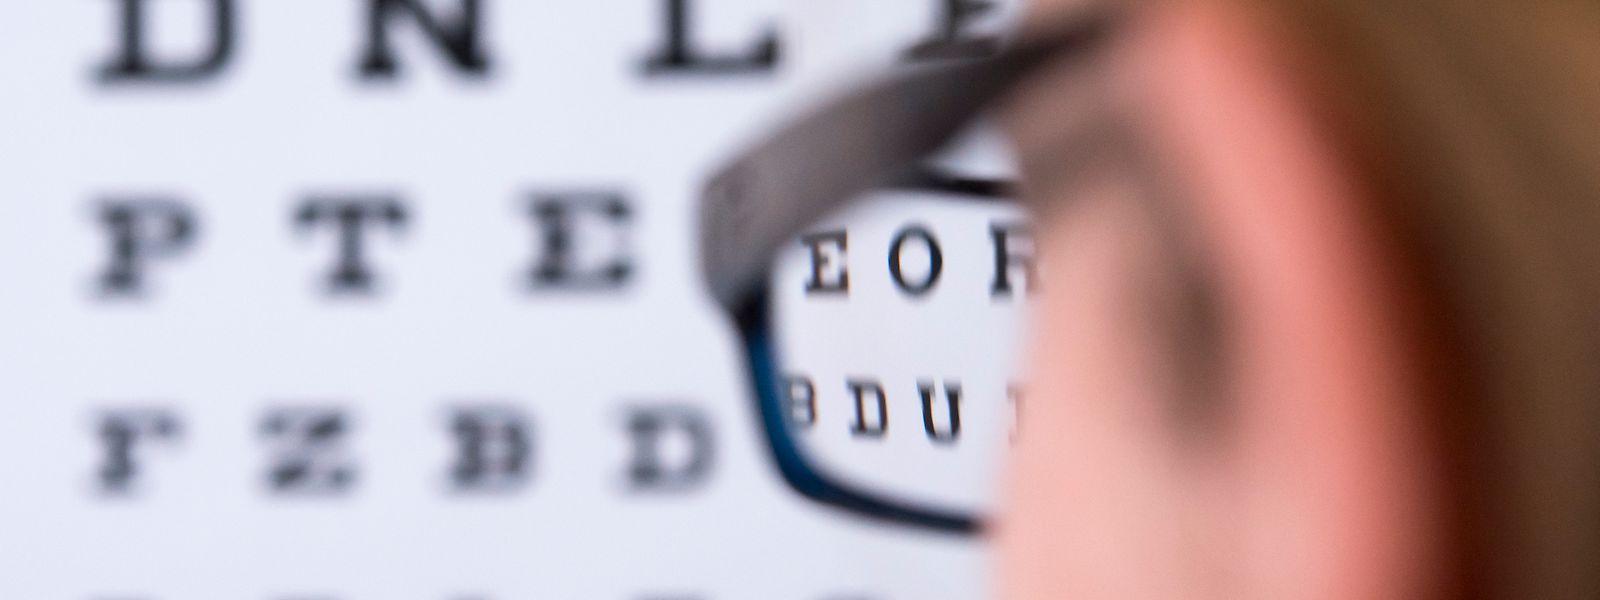 Wer kurzsichtig ist, sieht nur in der Nähe gut. Betroffene sollten immer eine passende Brille oder Kontaktlinsen tragen.